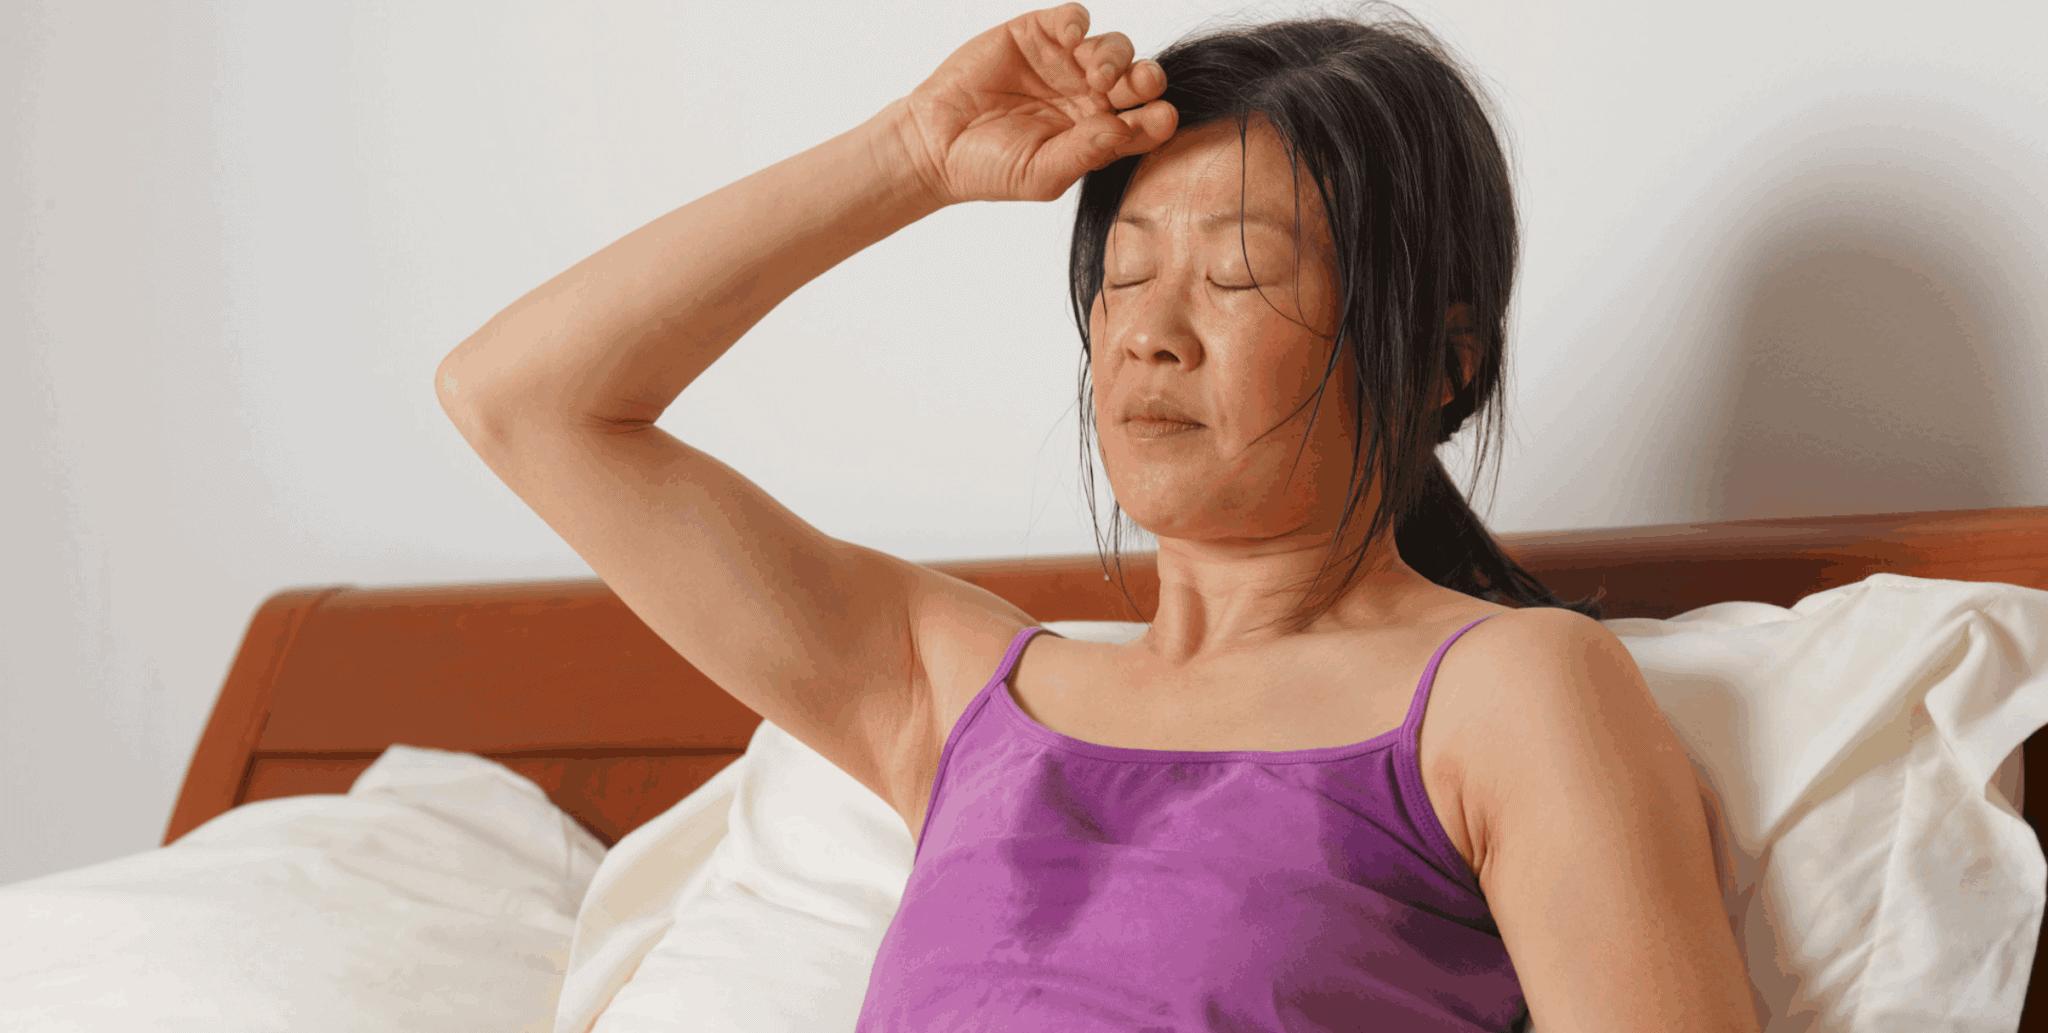 Best Underwear for Hot Flushes & Night Sweat | Menopause Underwear